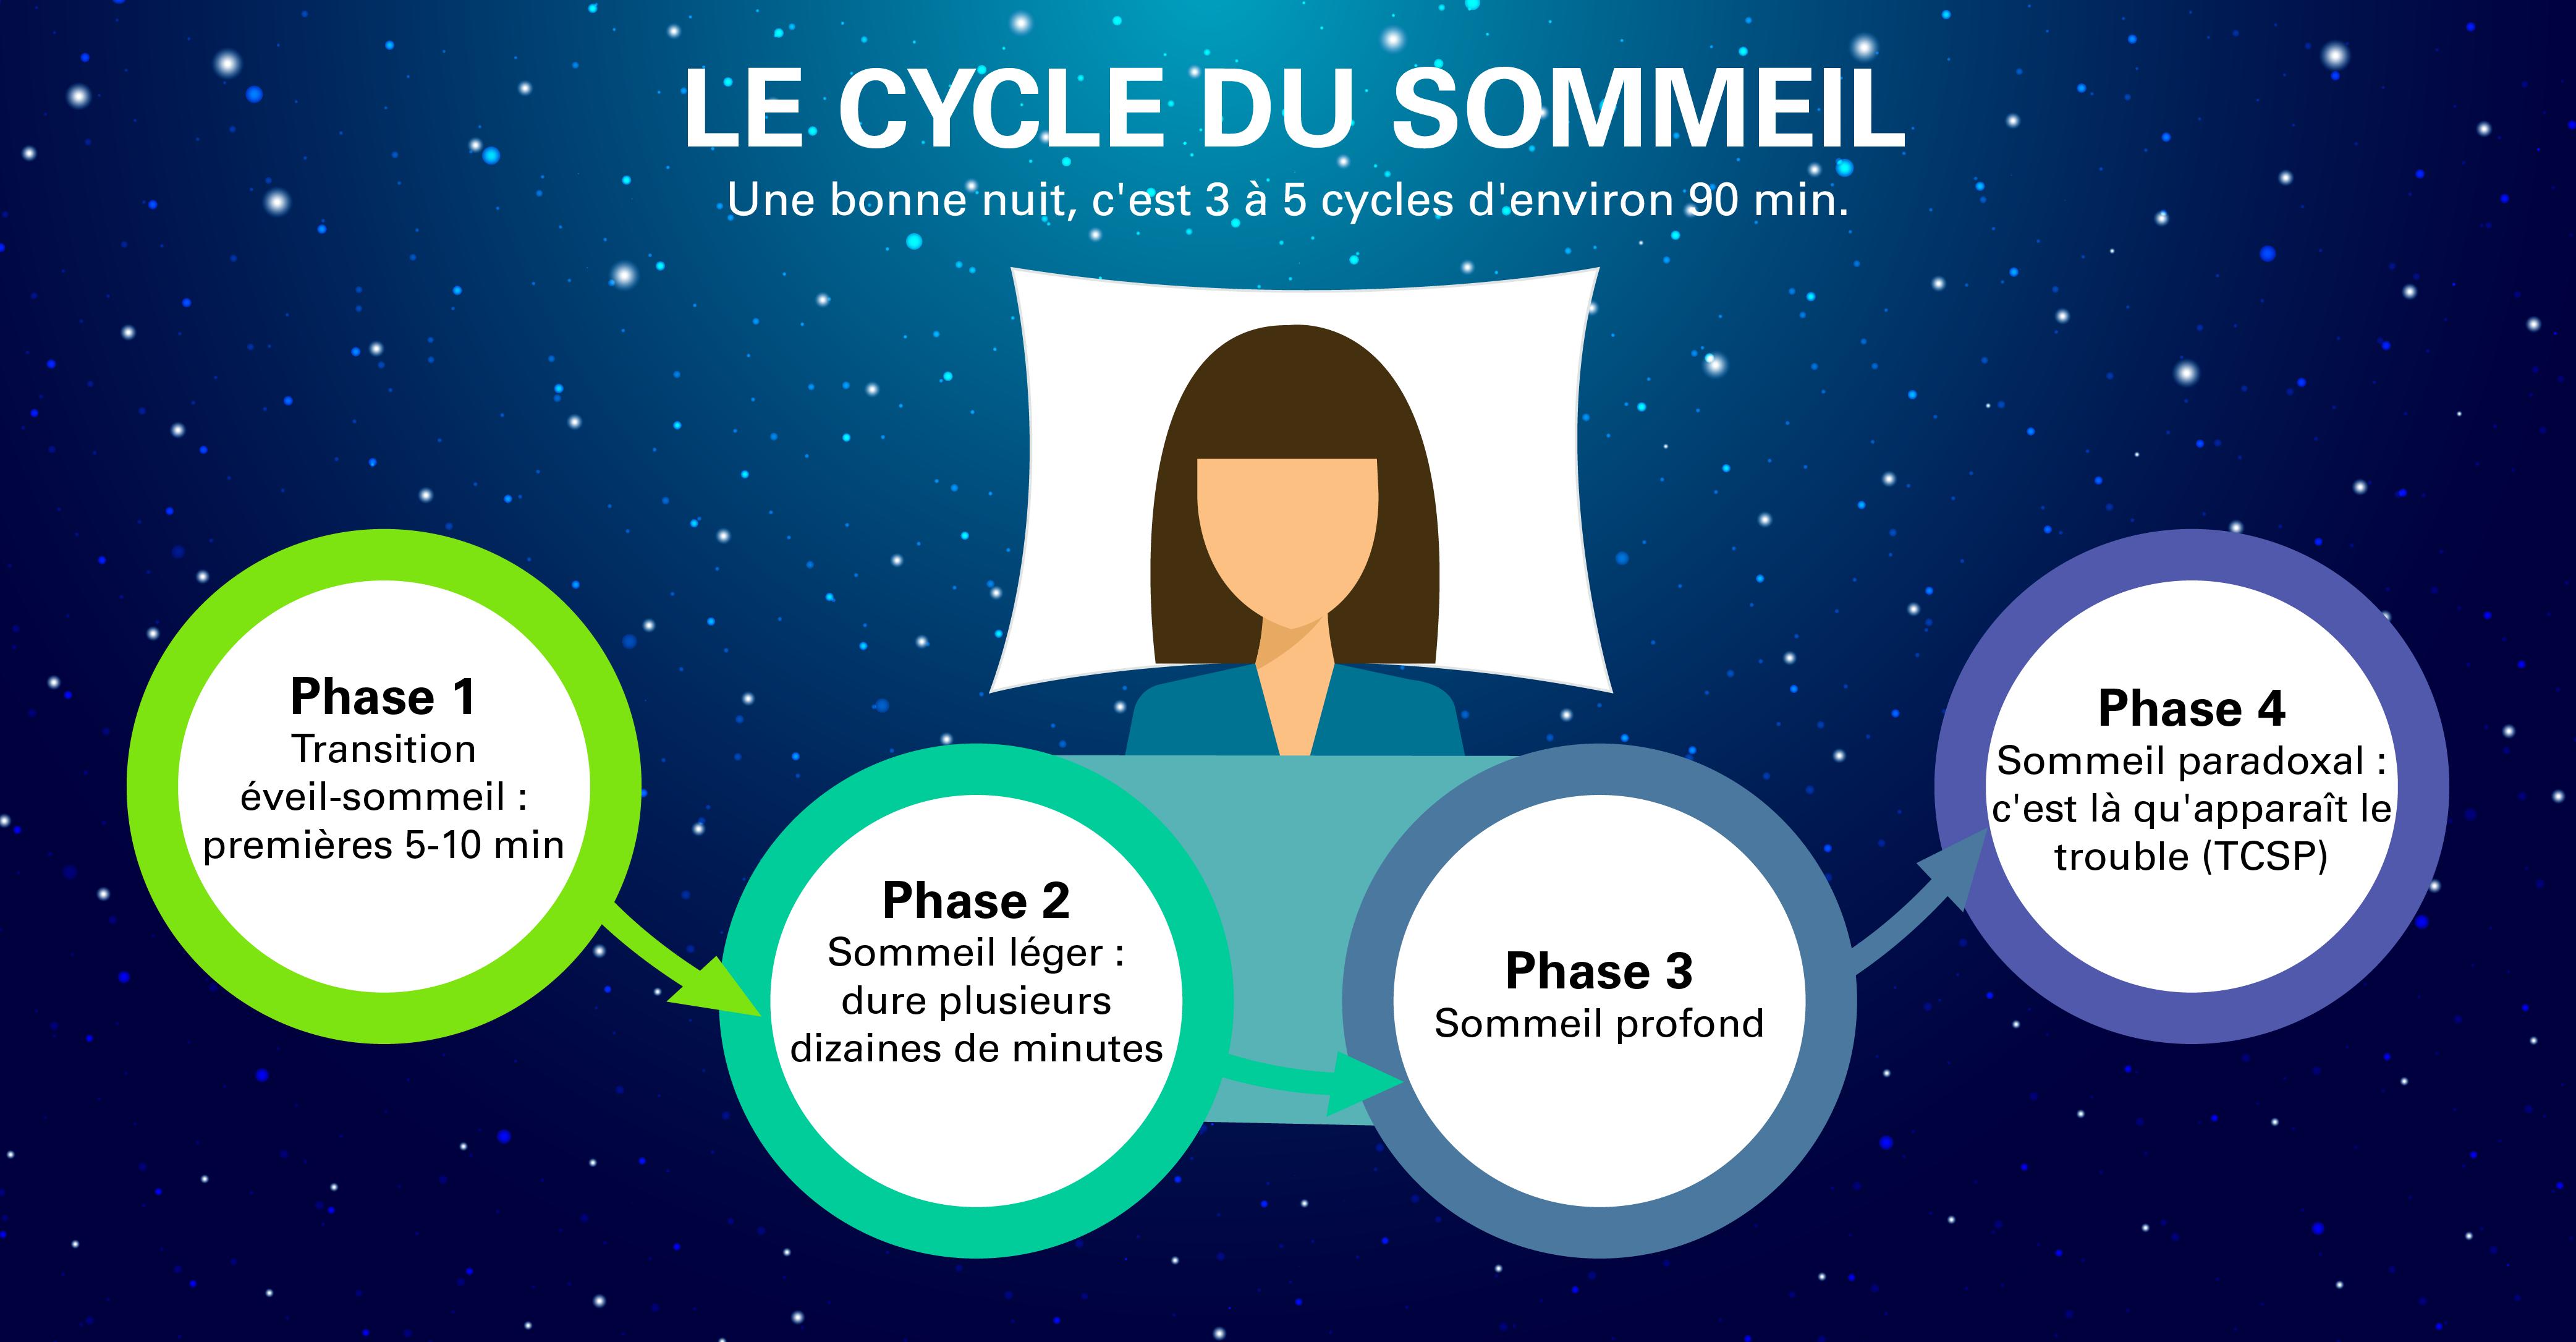 Le cycle du sommeil